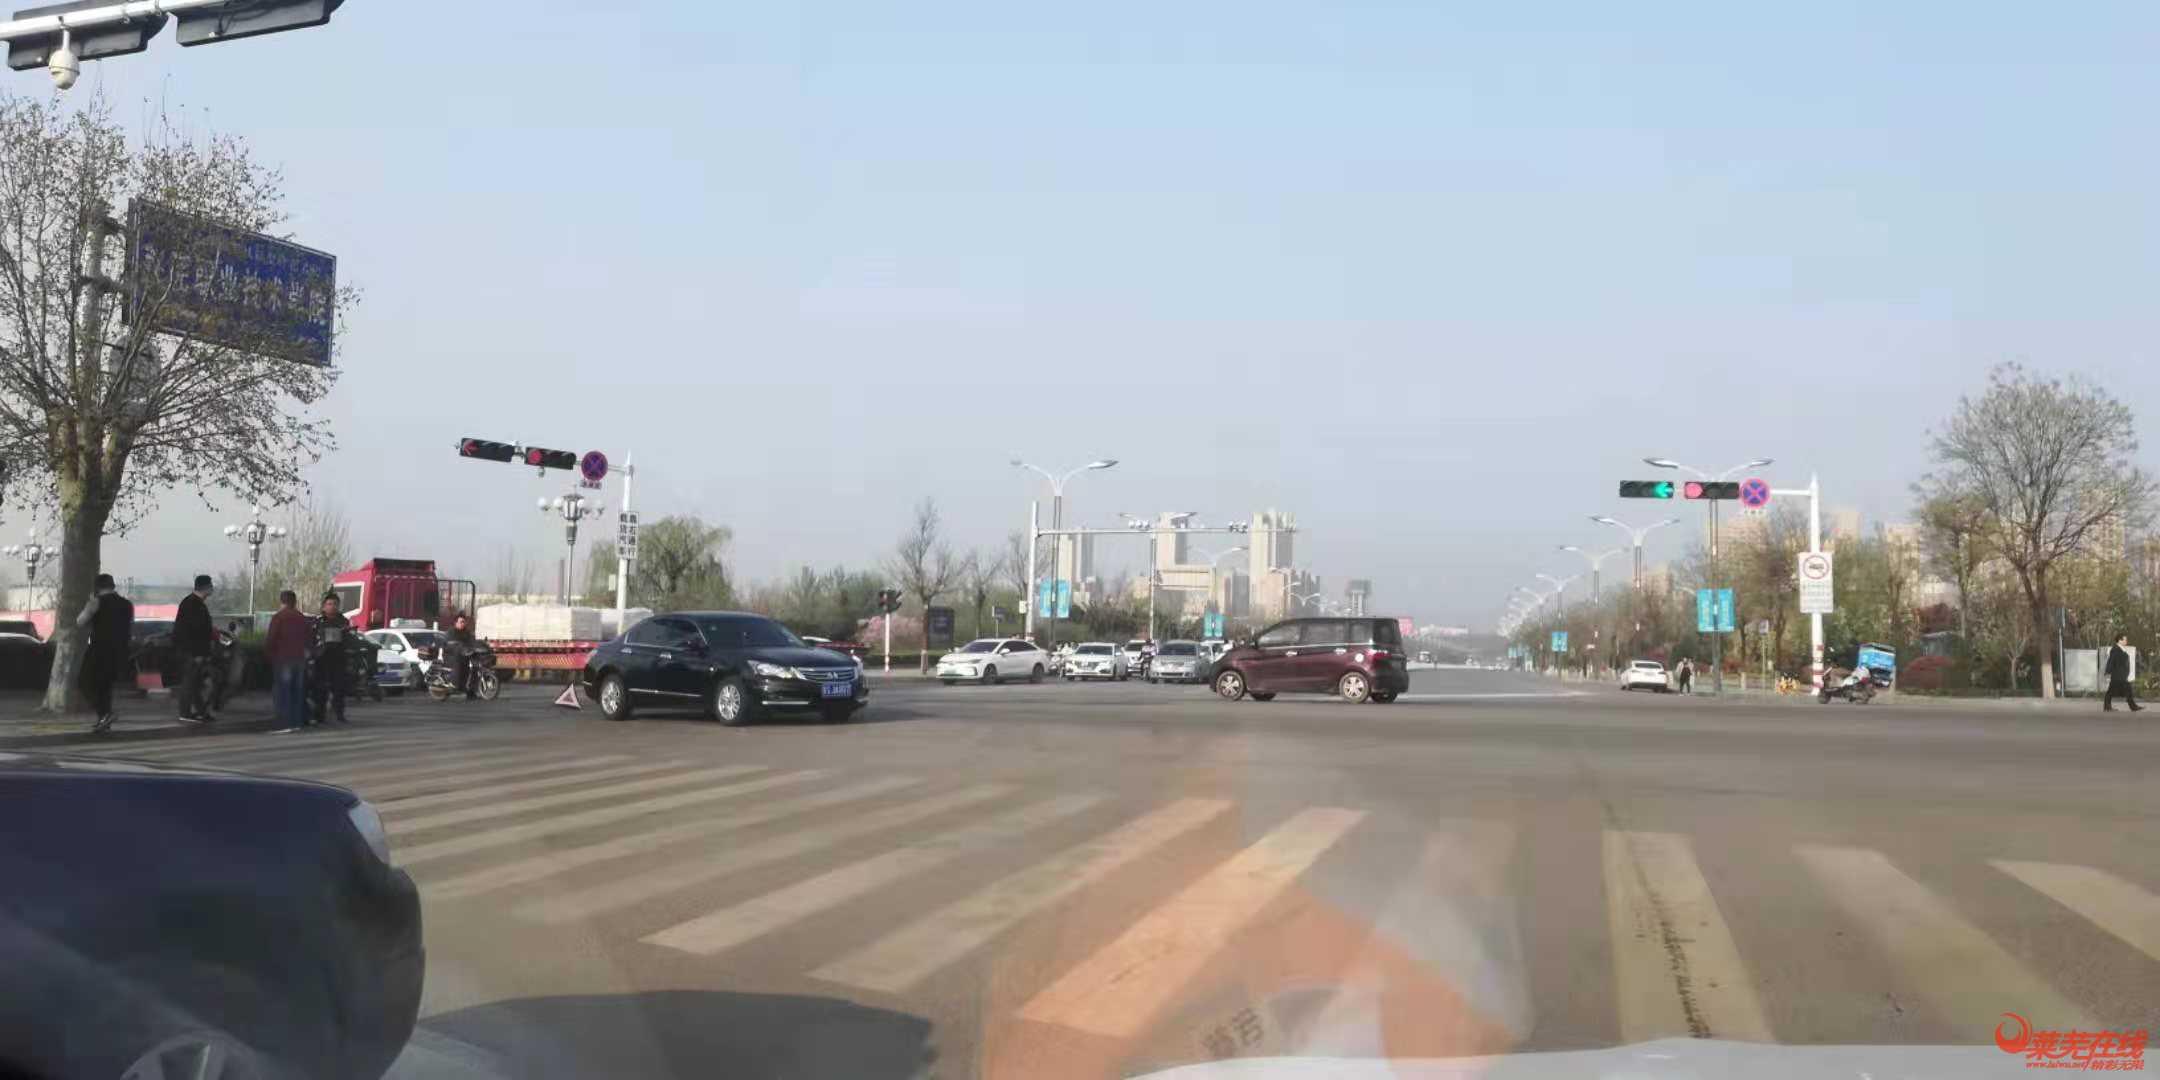 今晨凤凰路与山财大街路口三车追尾,路过请注意!